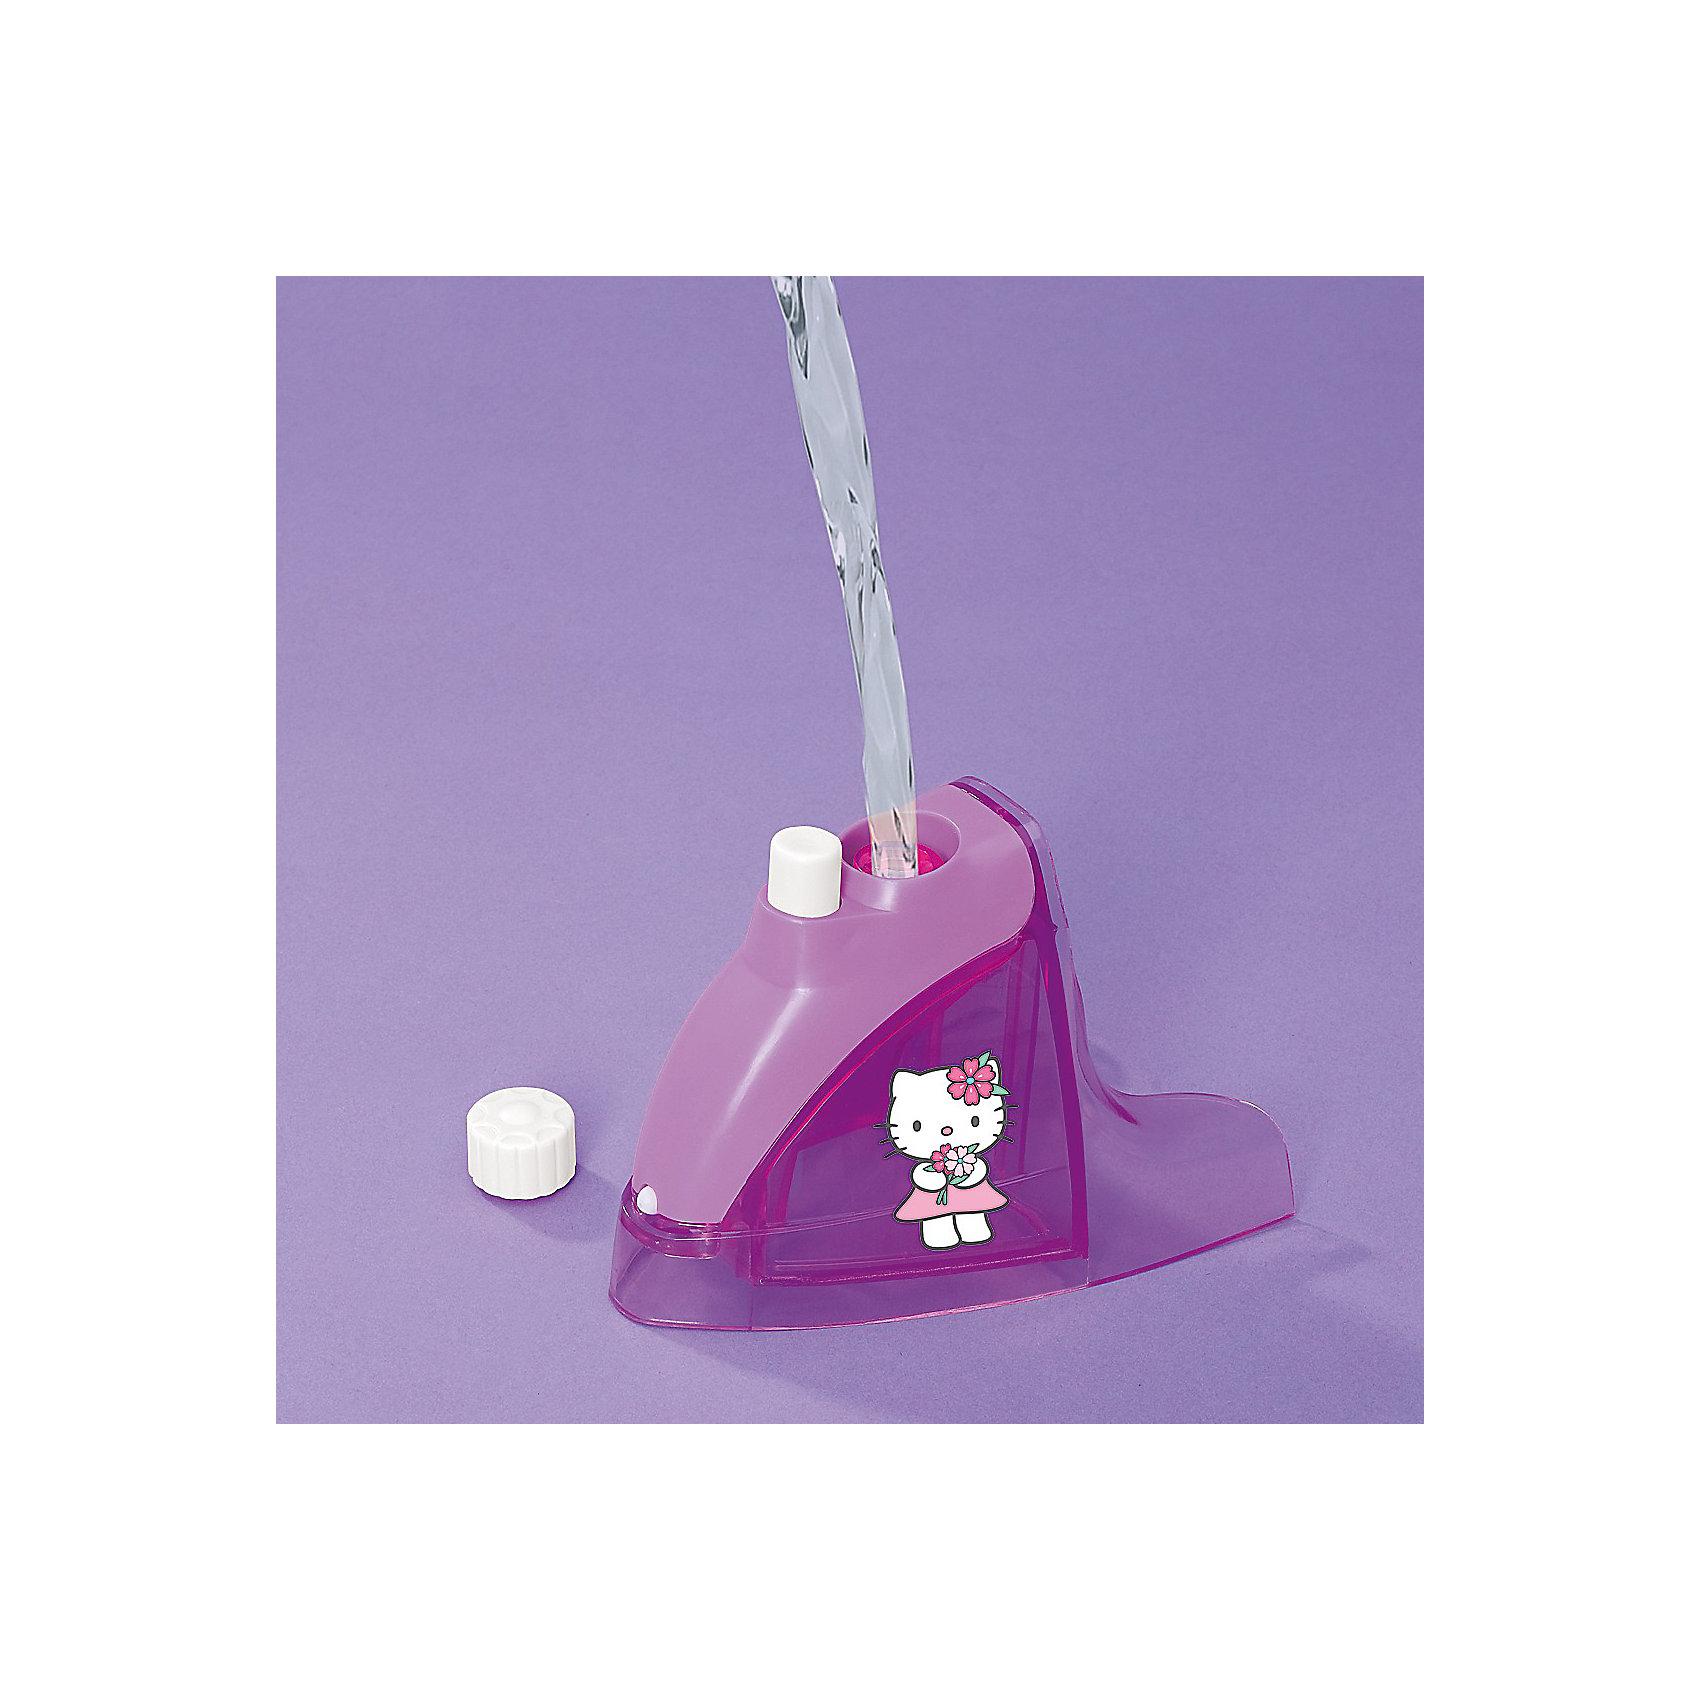 Simba Утюг Hello Kitty, 12/24 от myToys